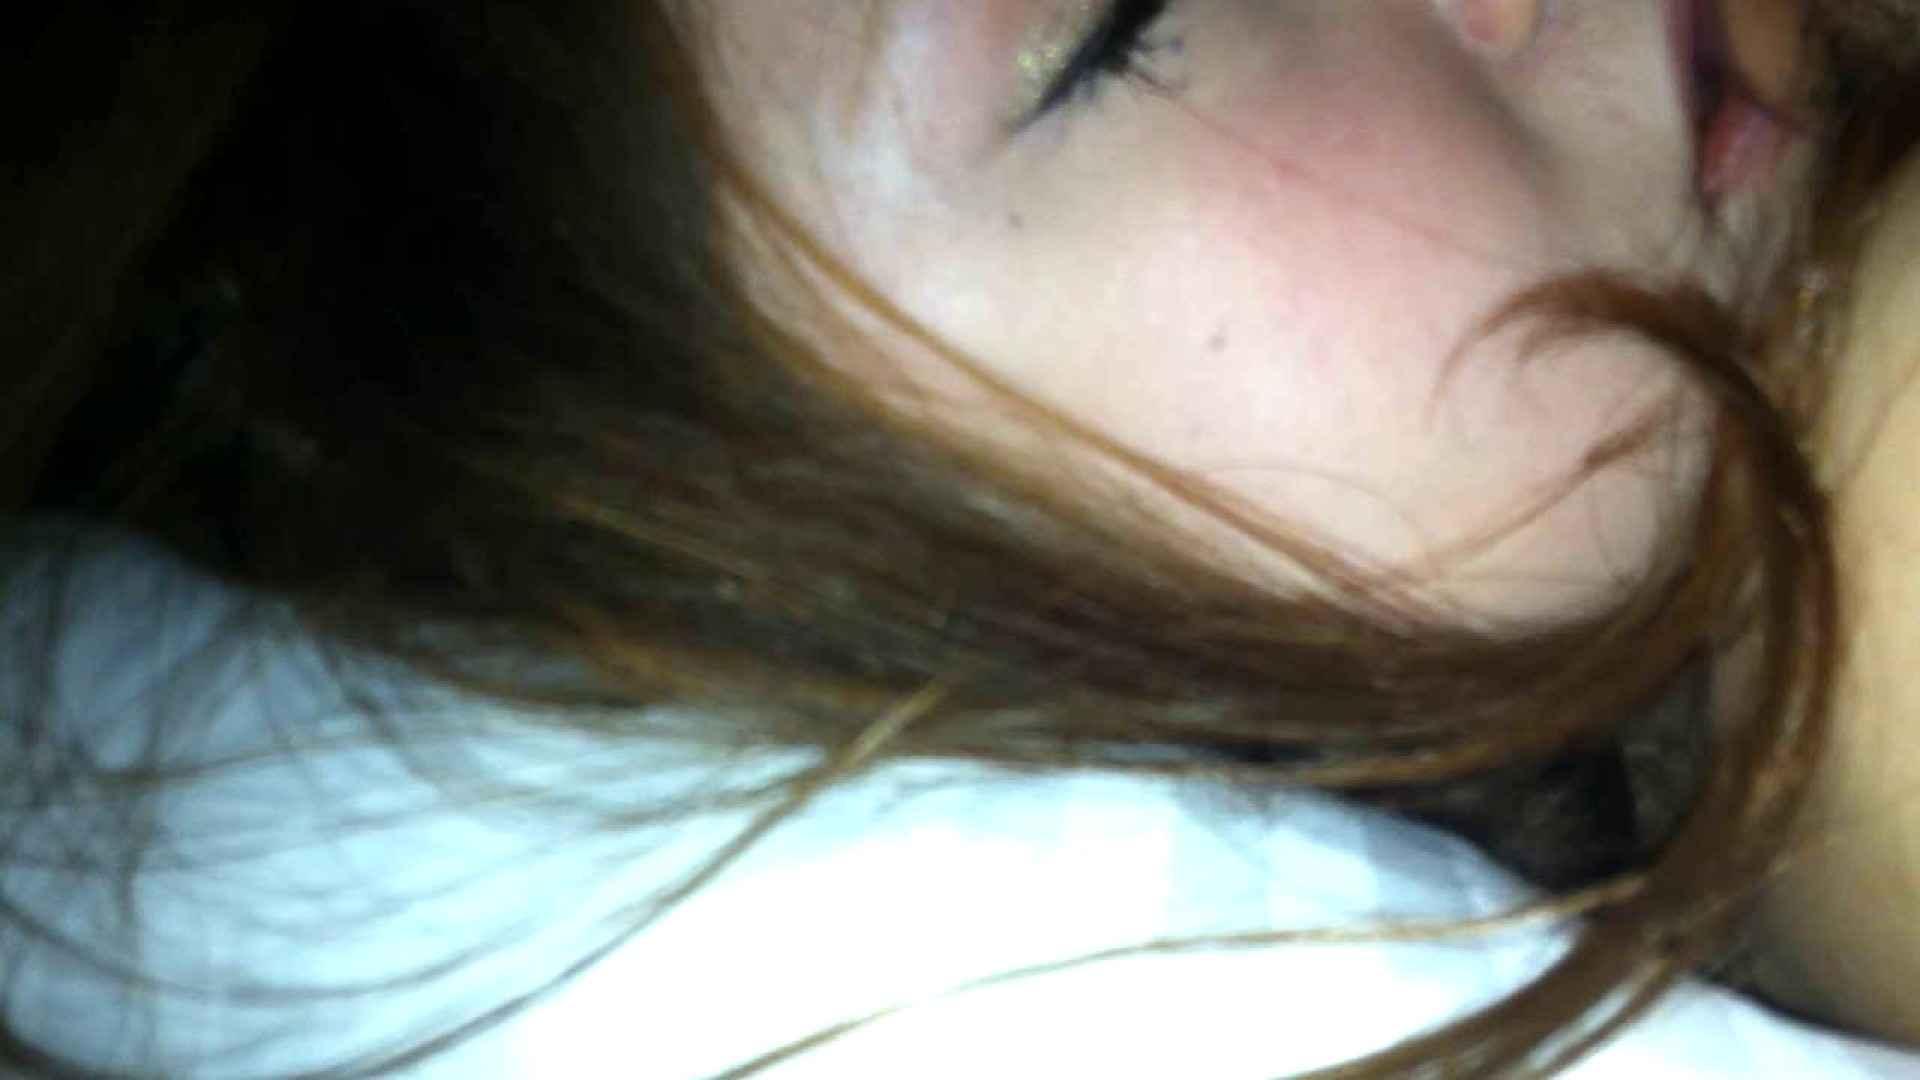 魔術師の お・も・て・な・し vol.11 19歳女子大生にホテルでイタズラ 前編 女子大生H事情 われめAV動画紹介 66PIX 47